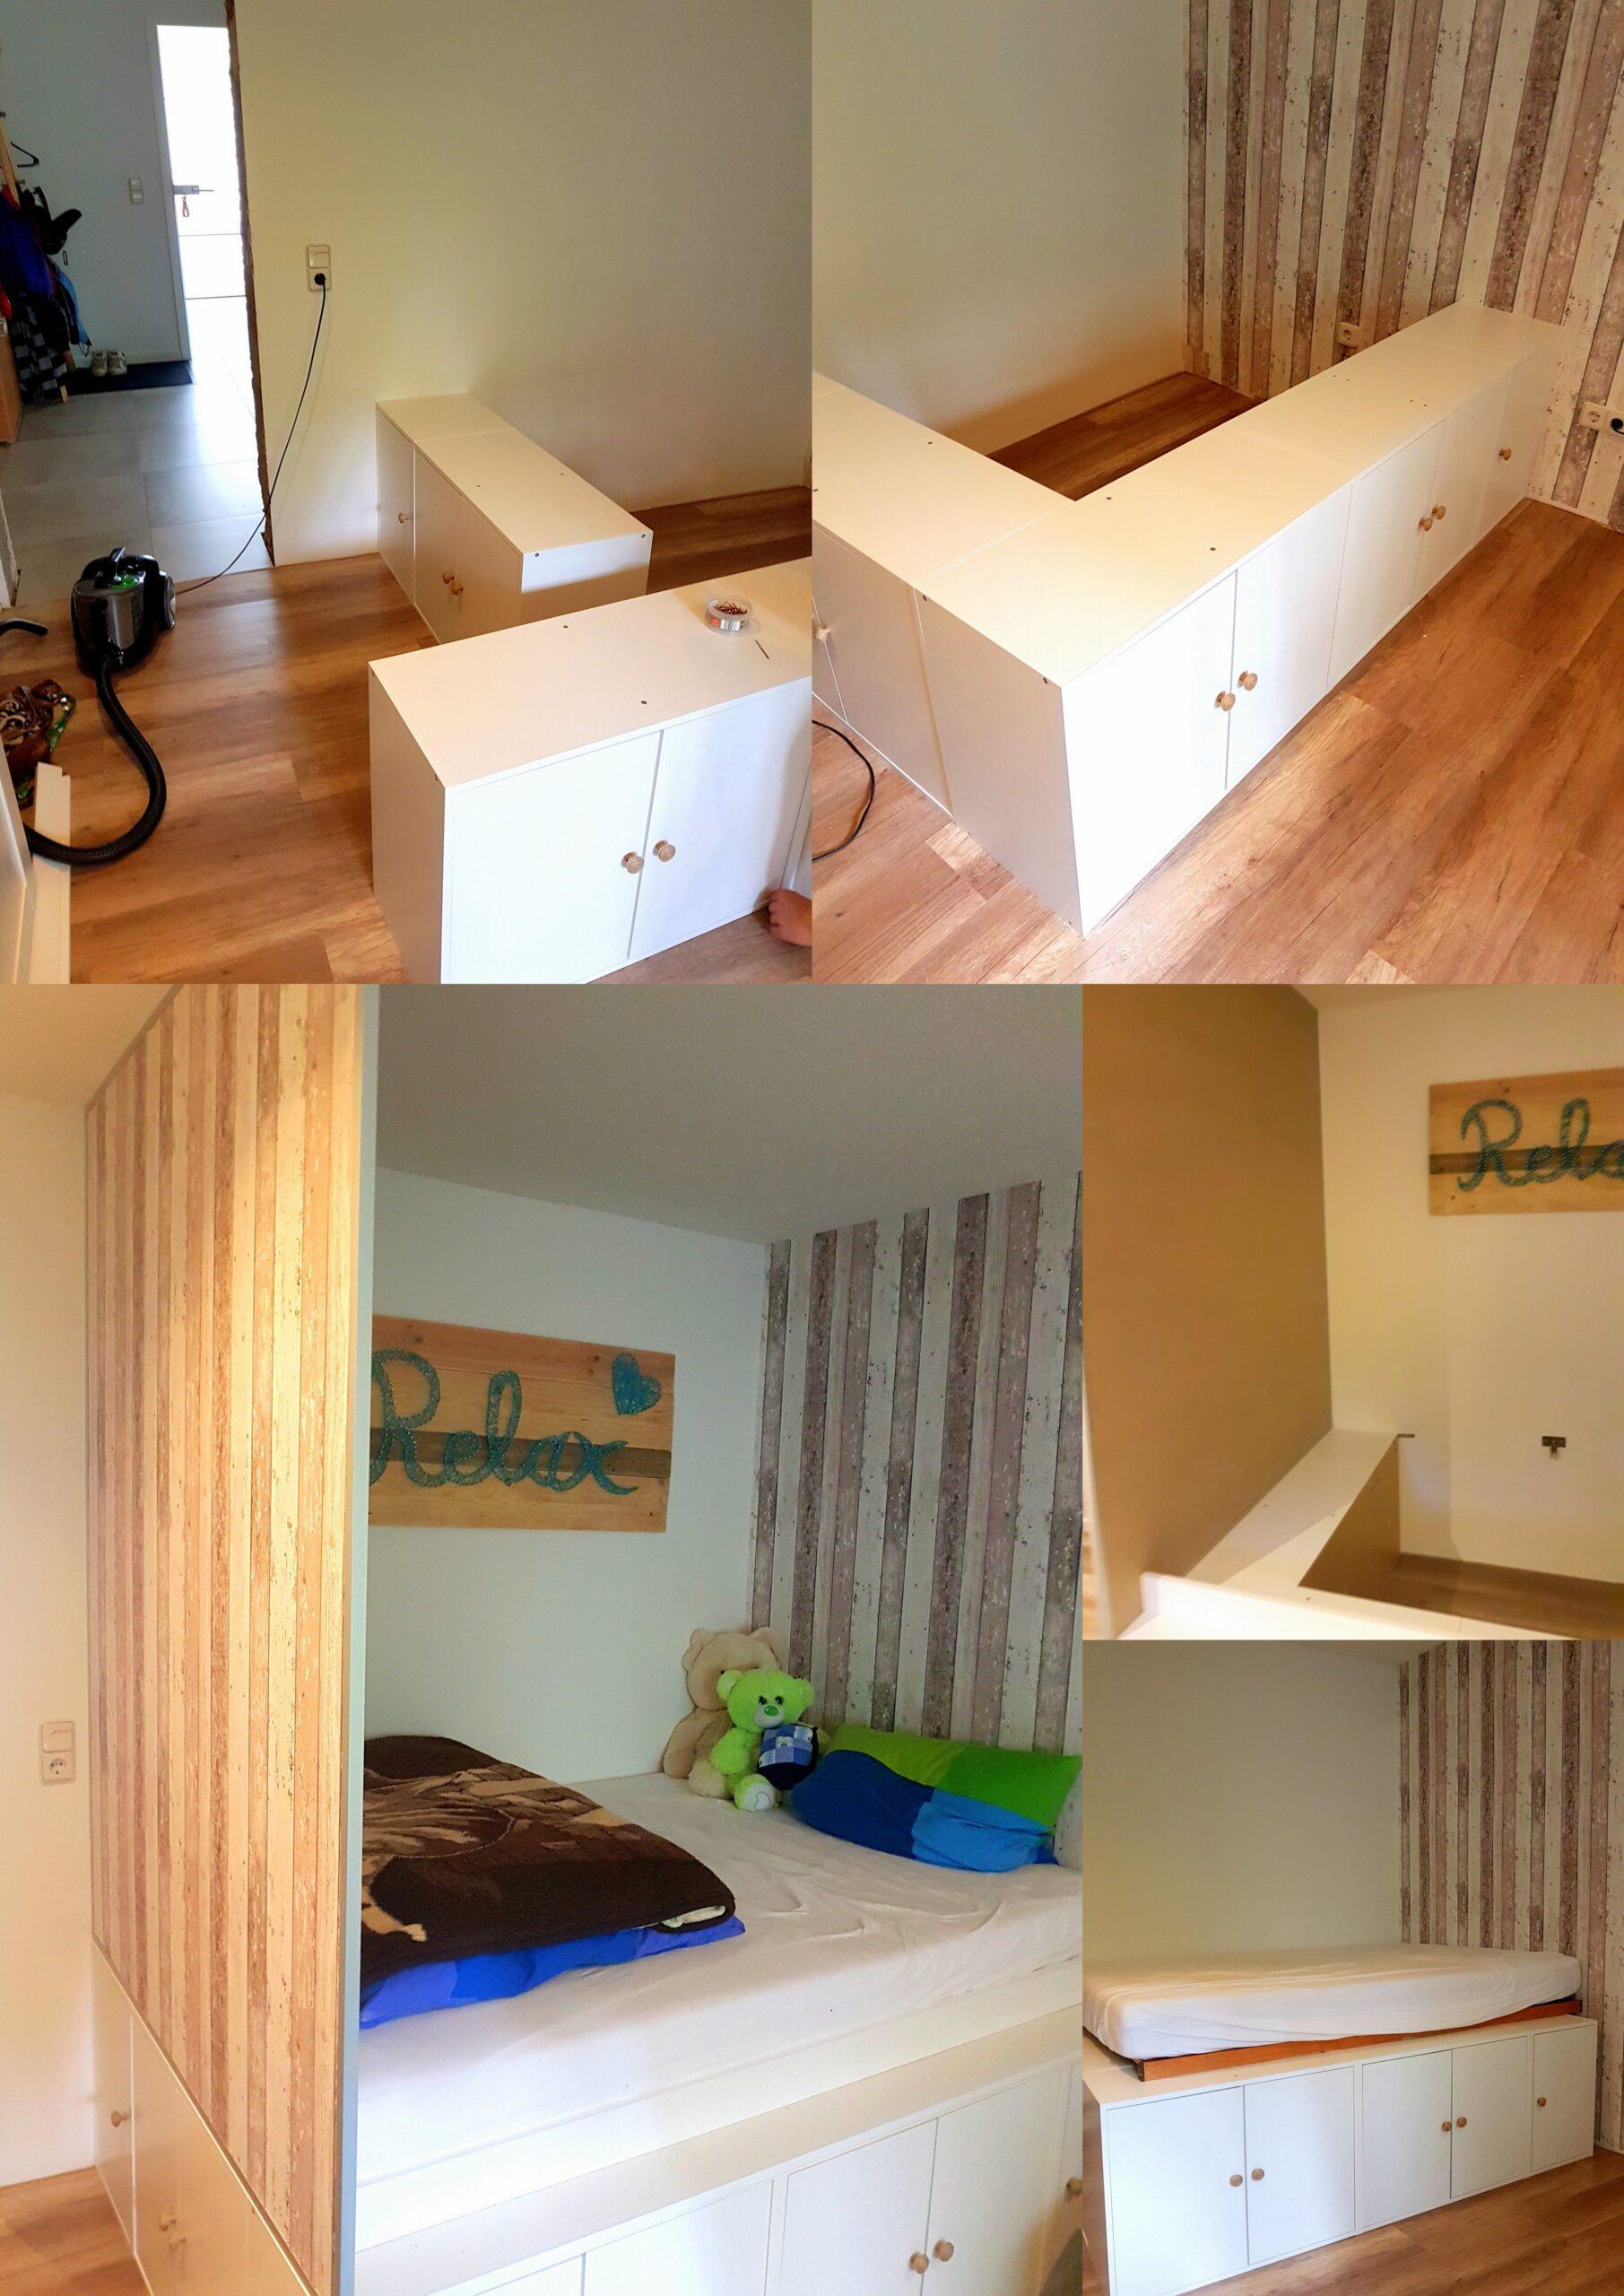 Full Size of Bad Unterschrank Holz Küche Ikea Kosten Miniküche Betten Bei Badezimmer Eckunterschrank Sofa Mit Schlaffunktion Modulküche Küchen Regal 160x200 Kaufen Wohnzimmer Ikea Küchen Unterschrank